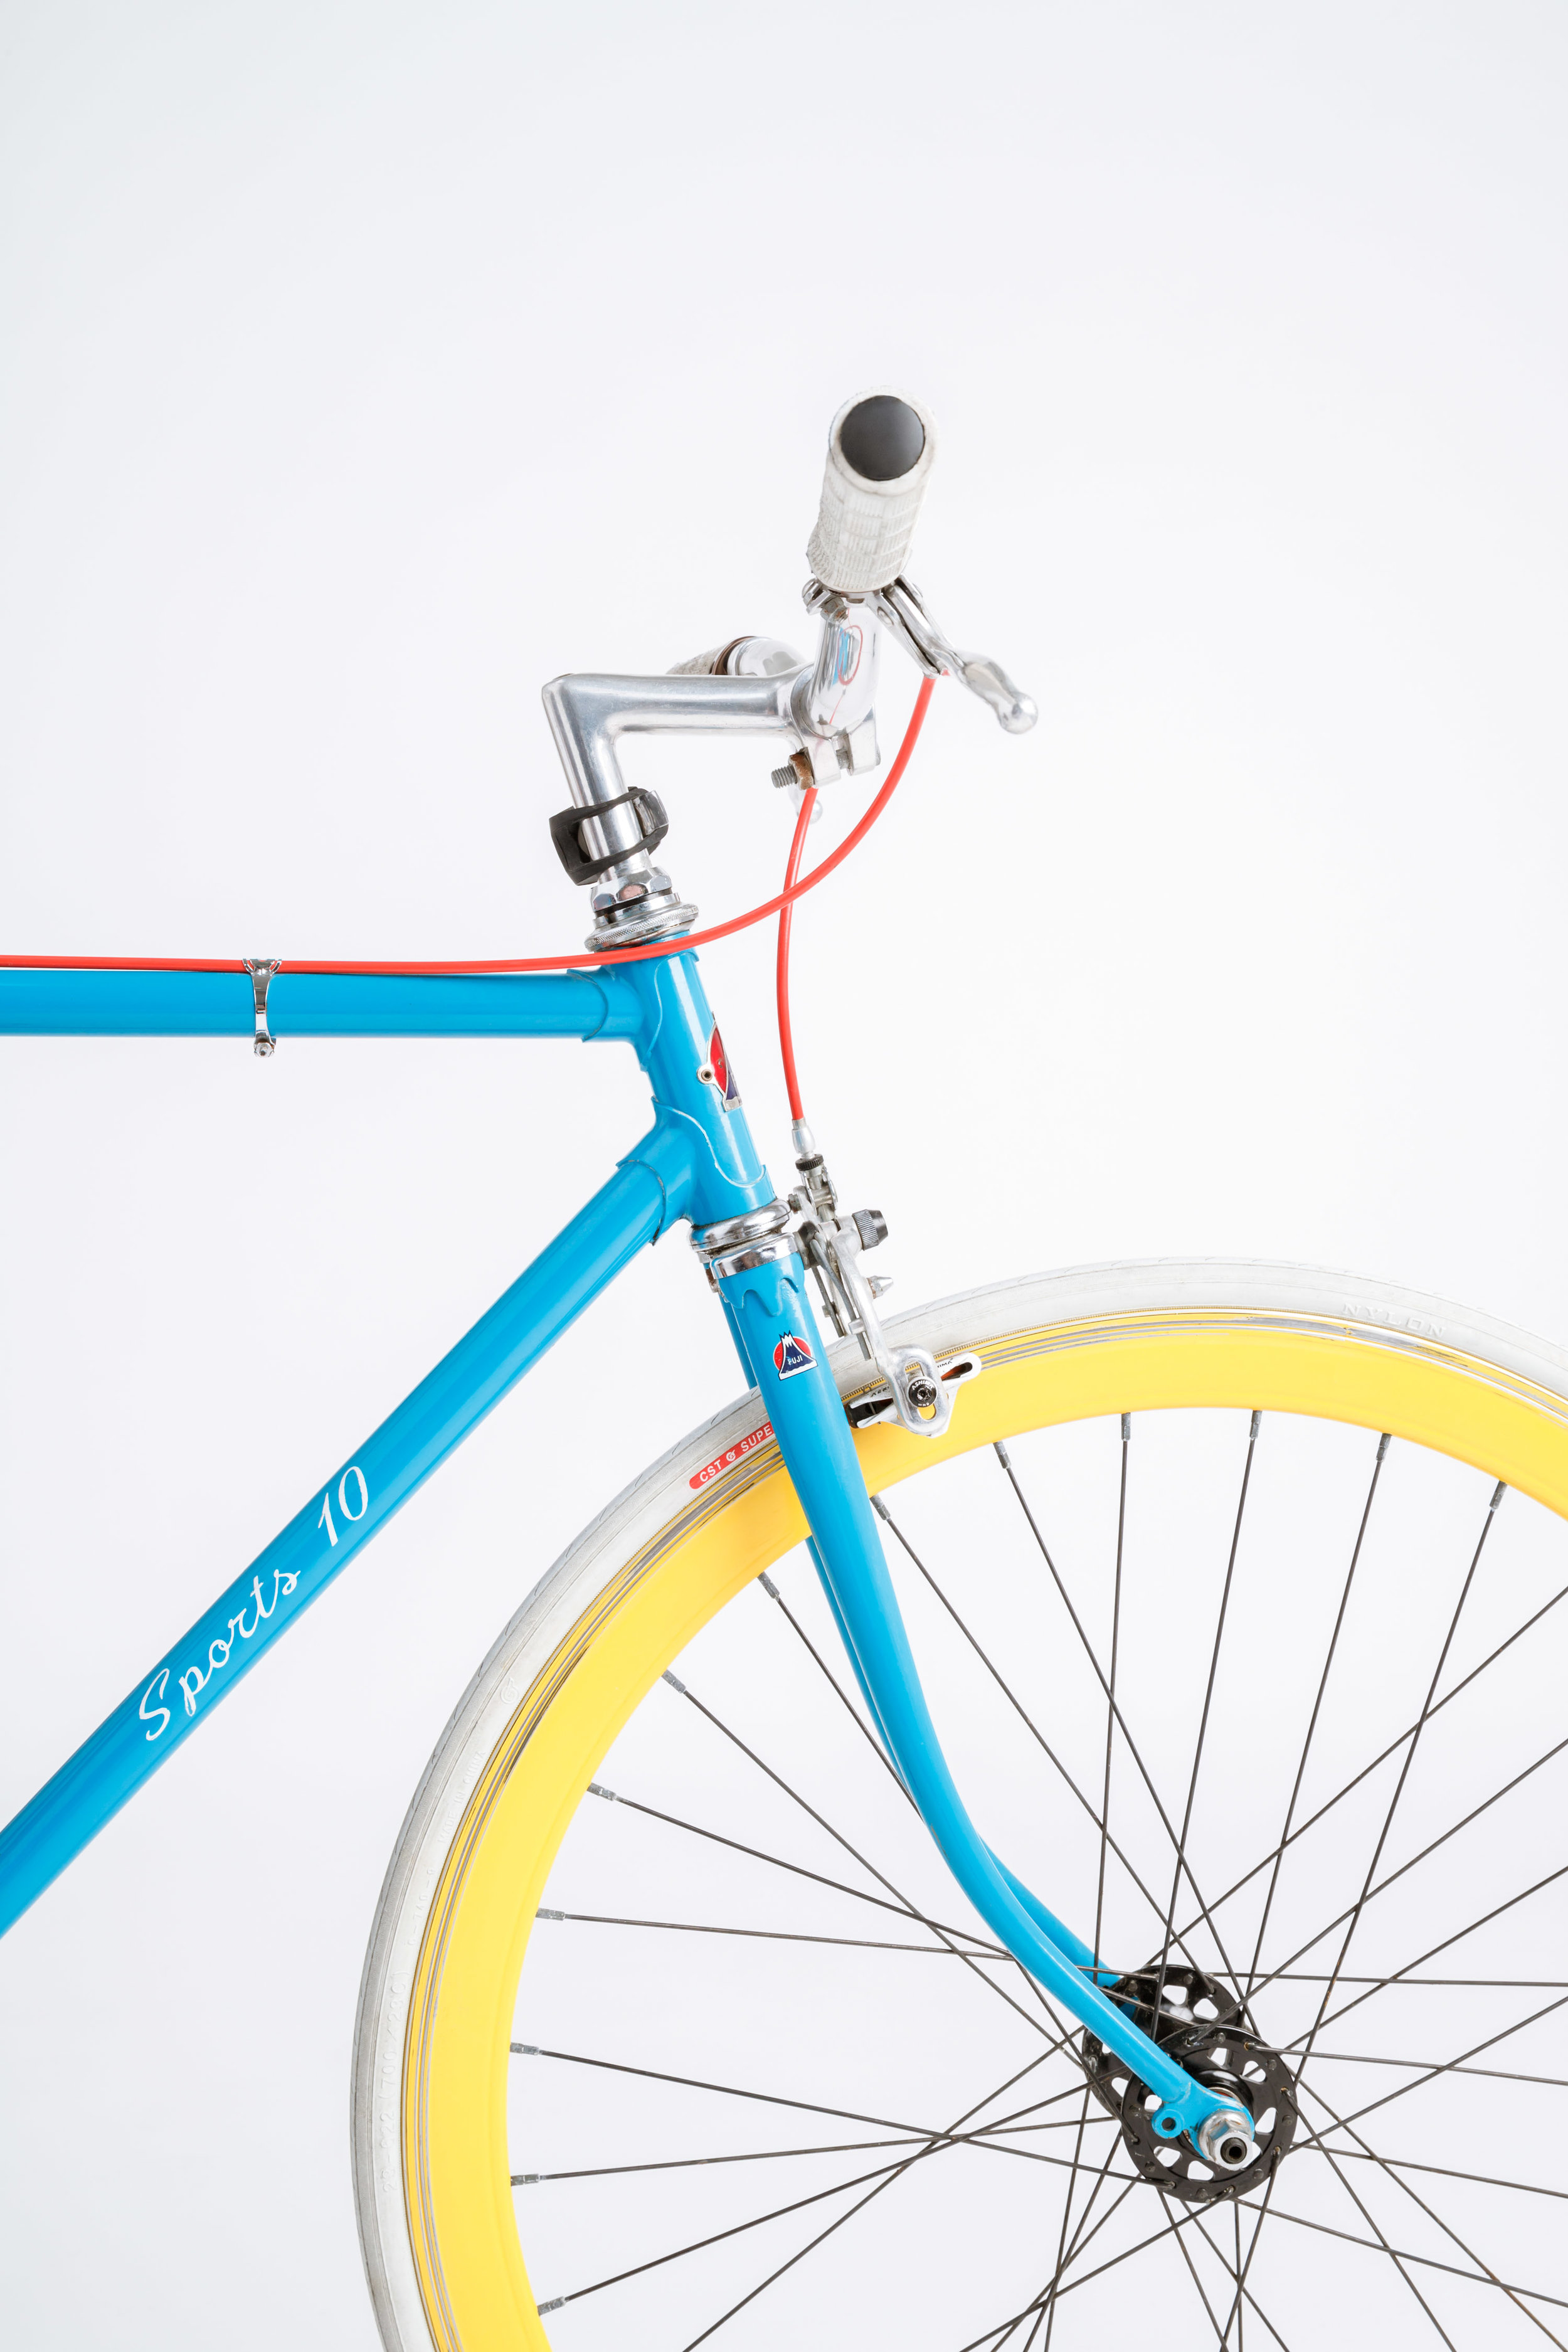 092916_MO_Ebay_Bicycle2_0050 1-V02.jpg